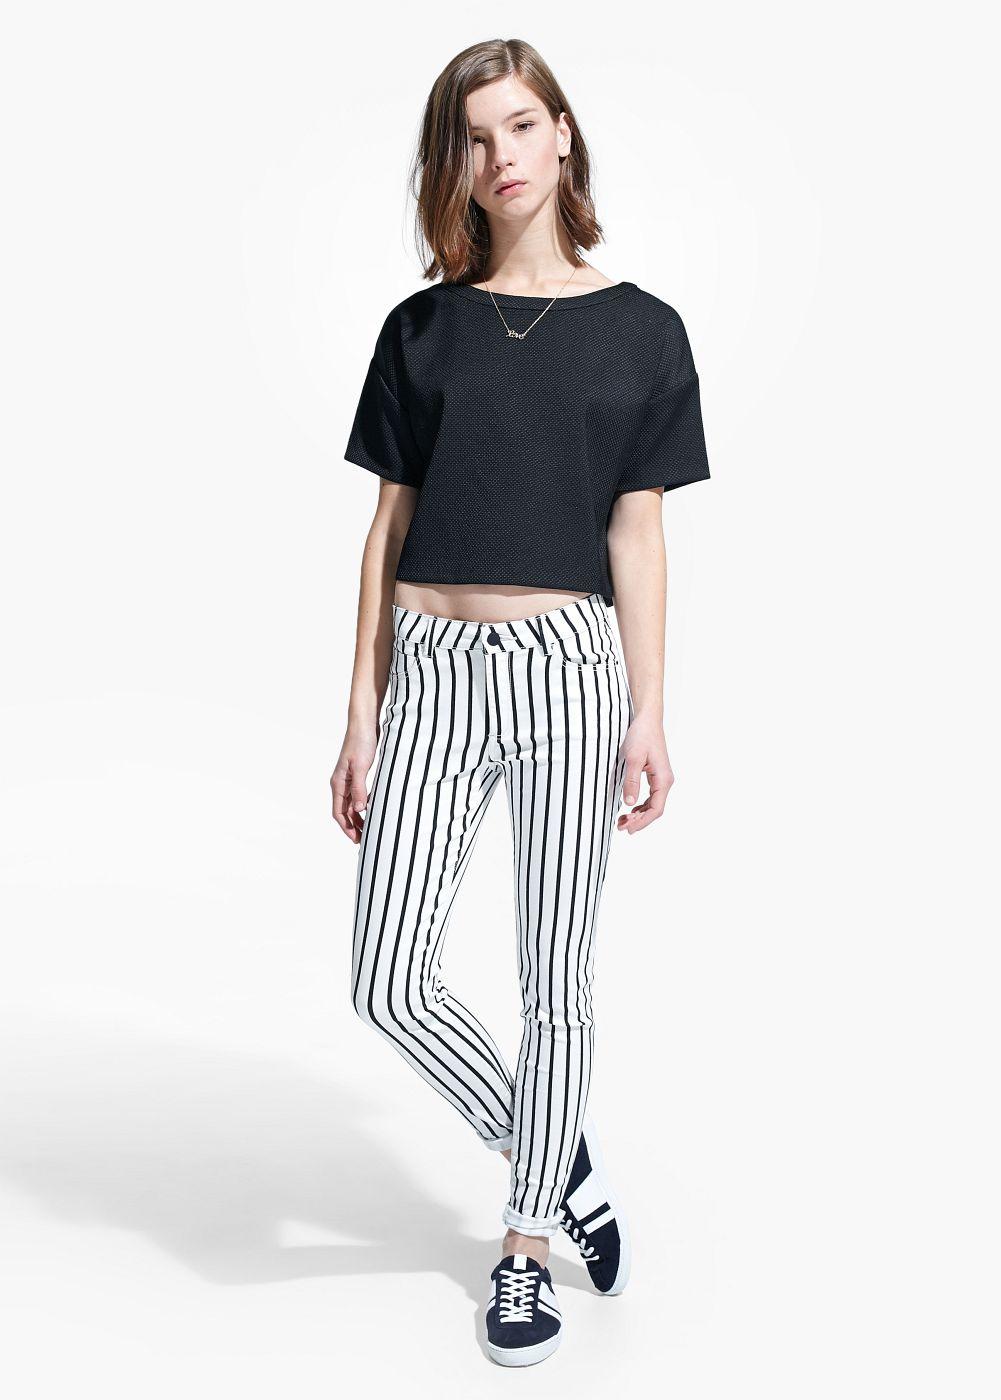 pantalones-y-jeans-mujer-2015-tendencias-pantalon-de-rayas-de-mango